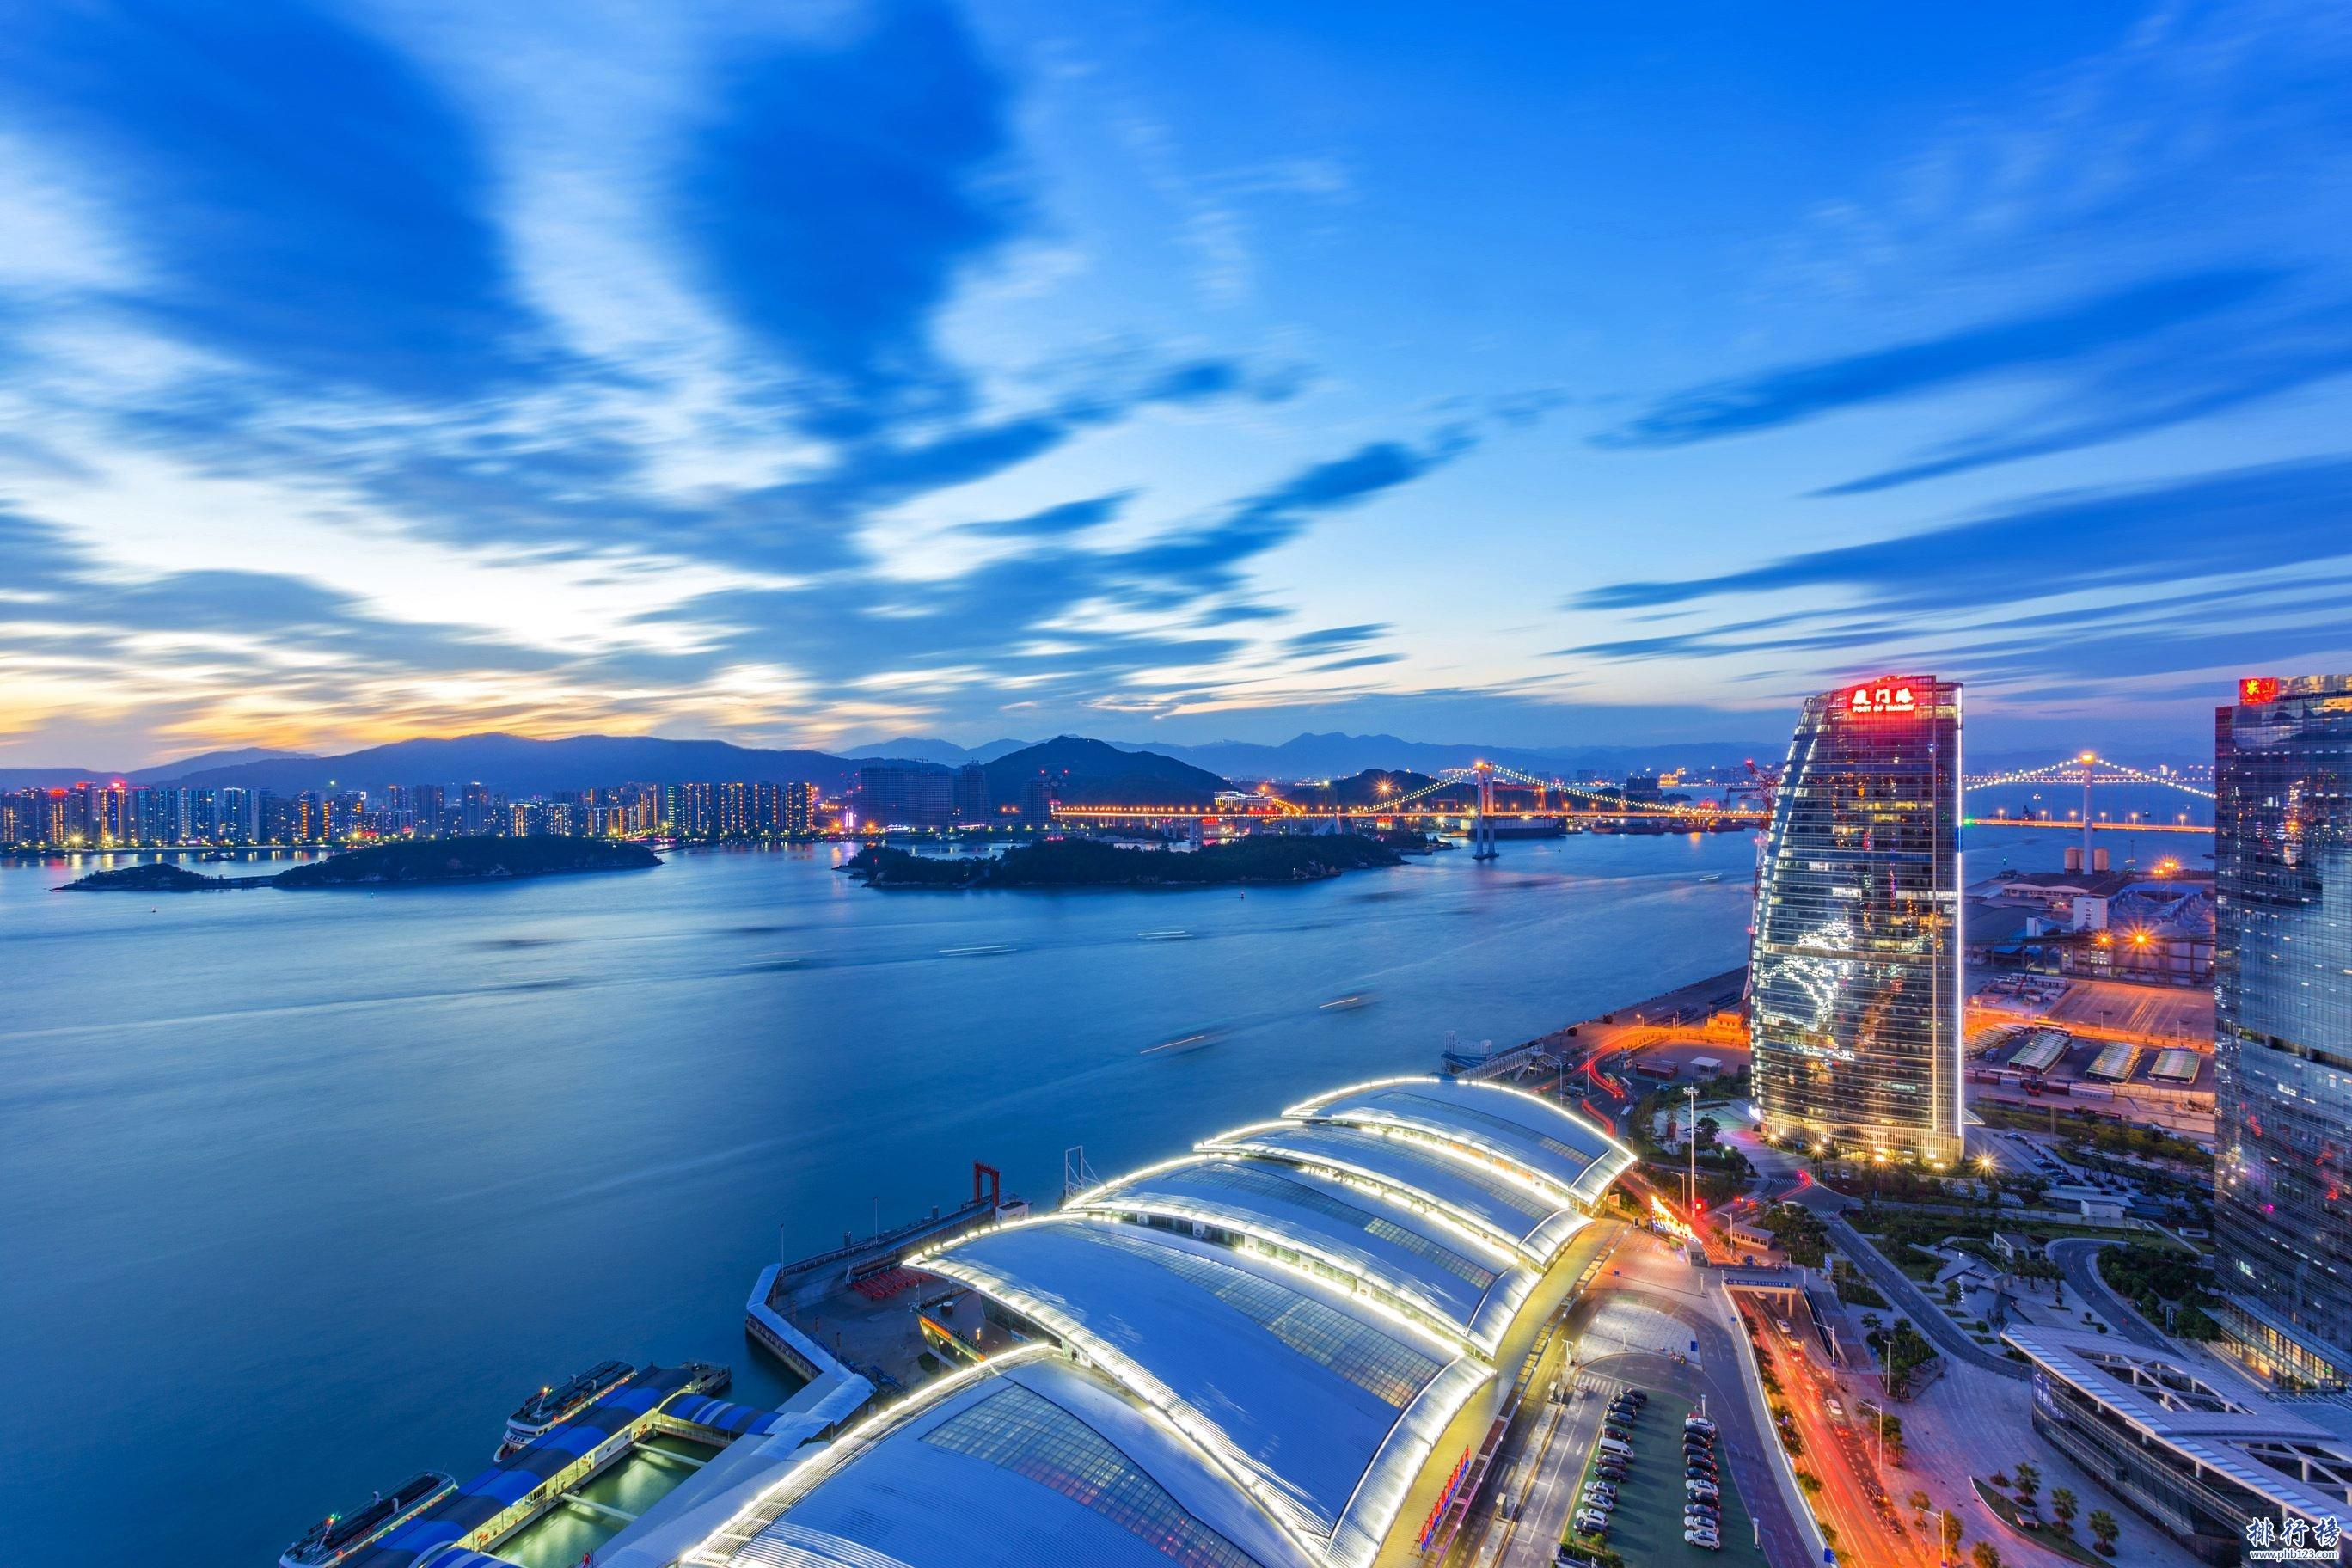 【2019中國二線城市排名】2019中國二線城市有哪些?